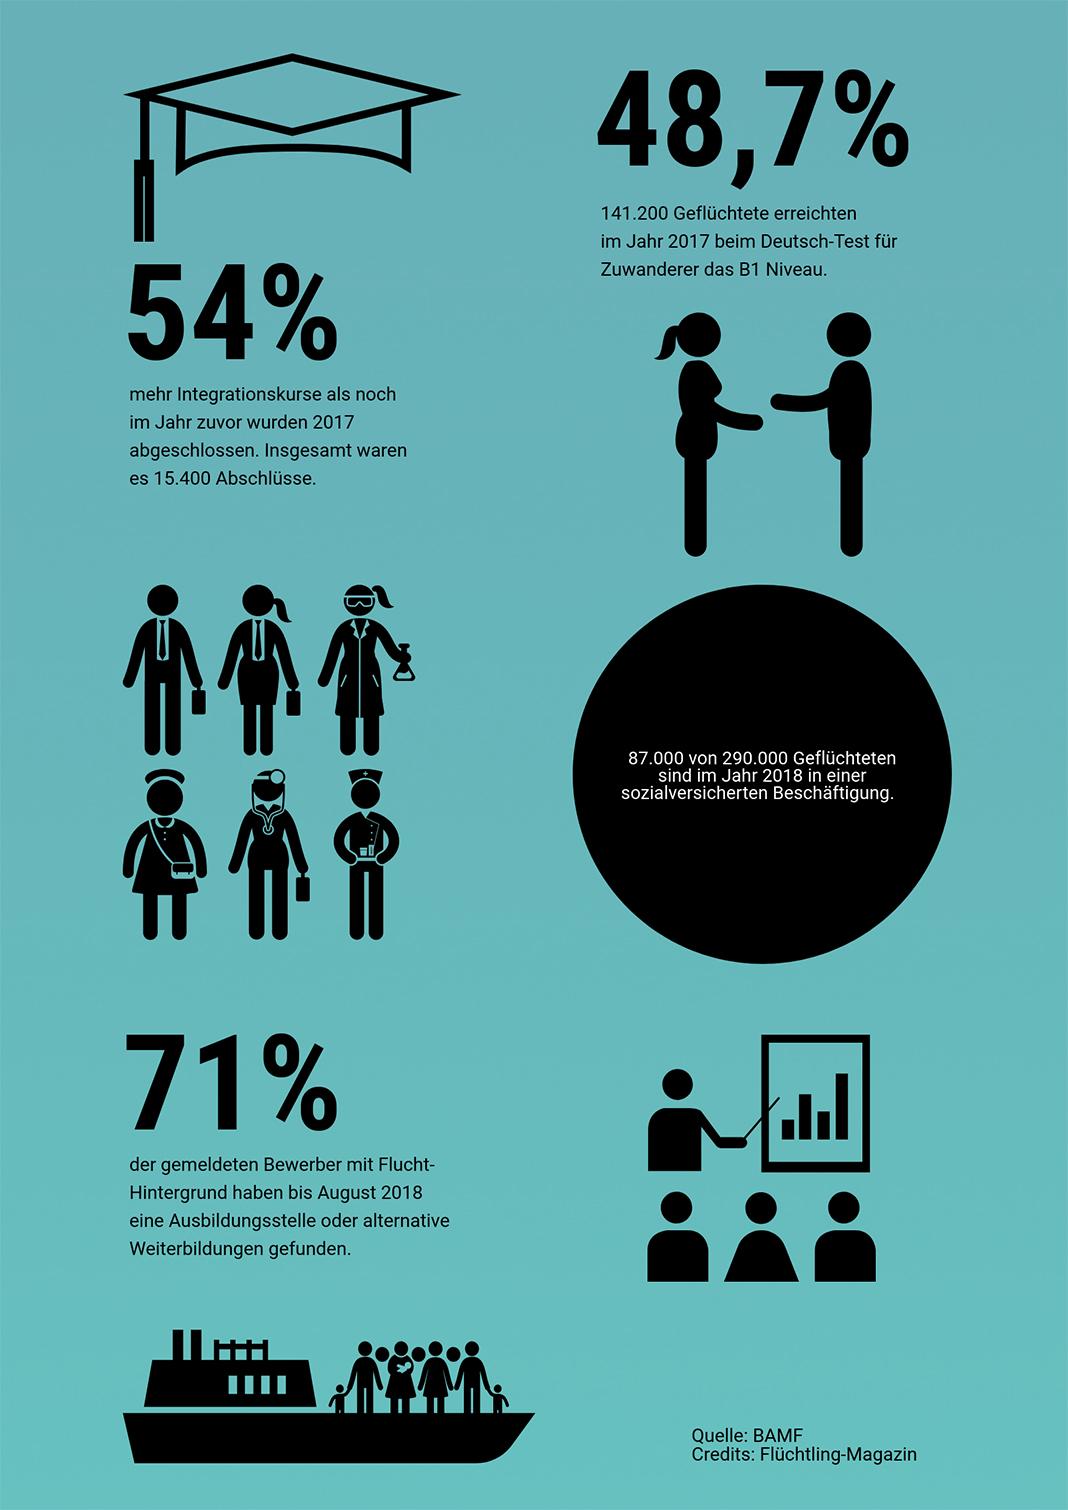 Geflüchtete: Aktuelle Zahlen von Geflüchteten. Infografik: Shahrzad Rahbari mit Piktochart